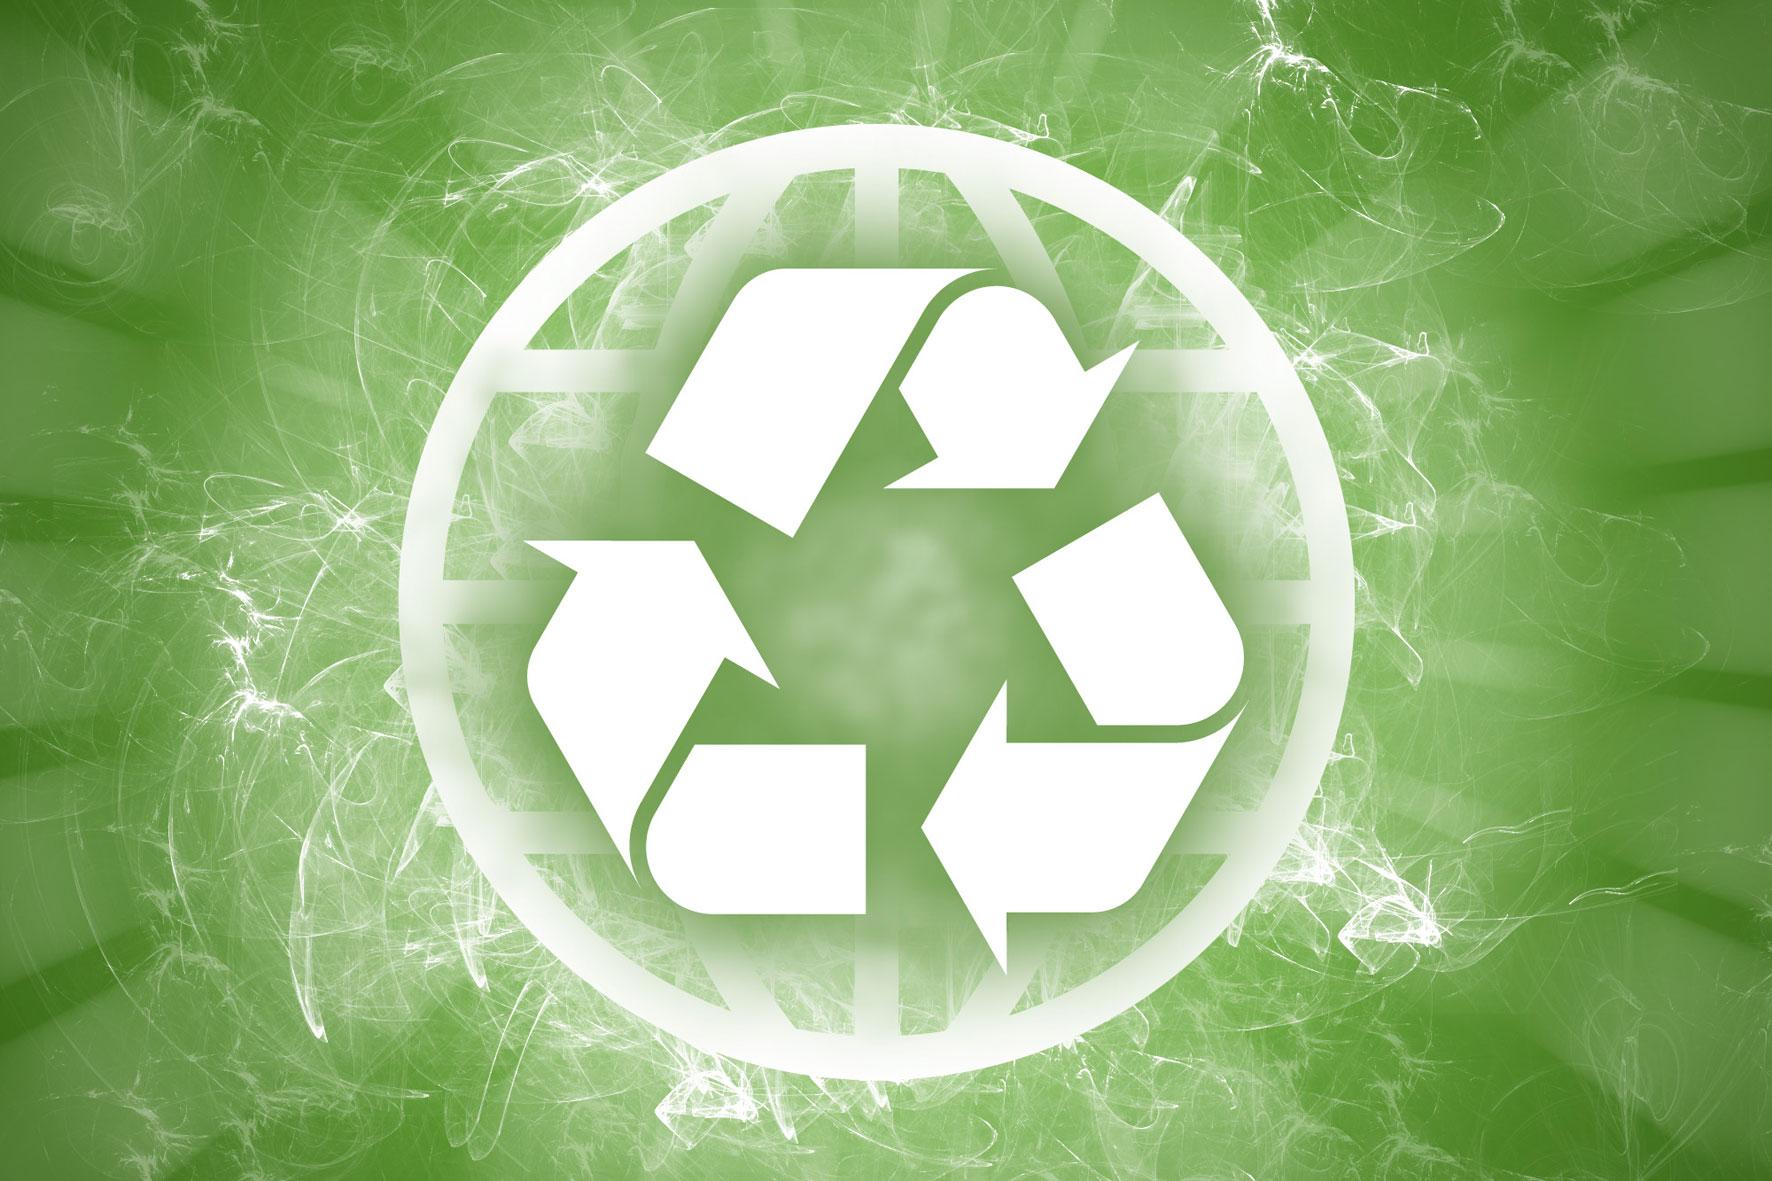 ZIPSEE krytykuje zmiany w dyrektywie UE dotyczącej elektrośmieci